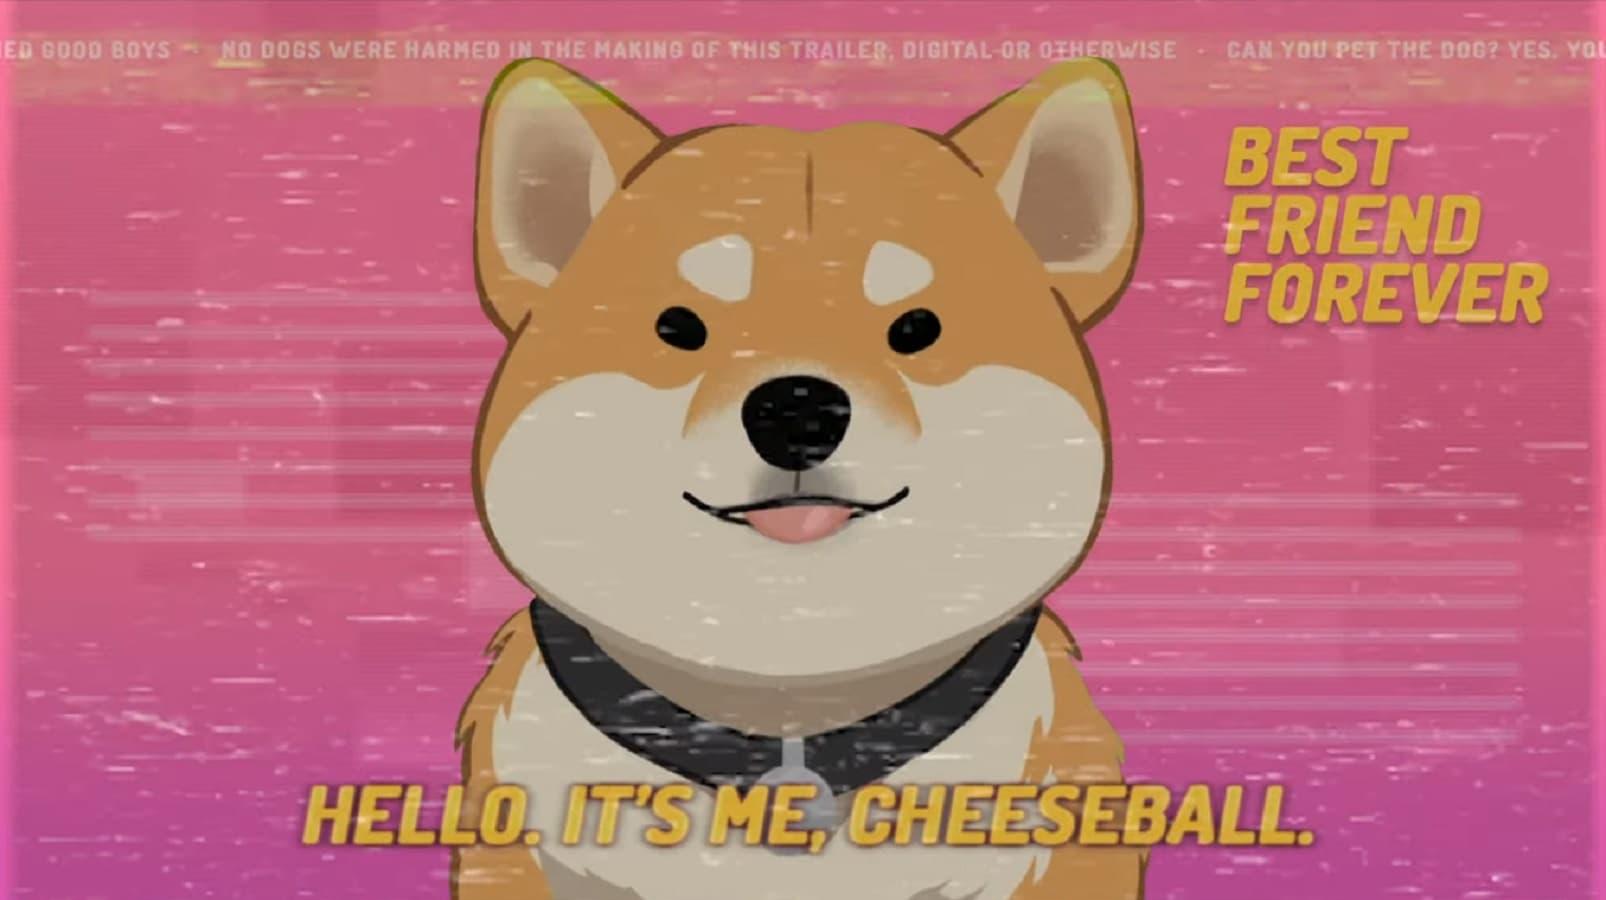 best friend forever cheeseball